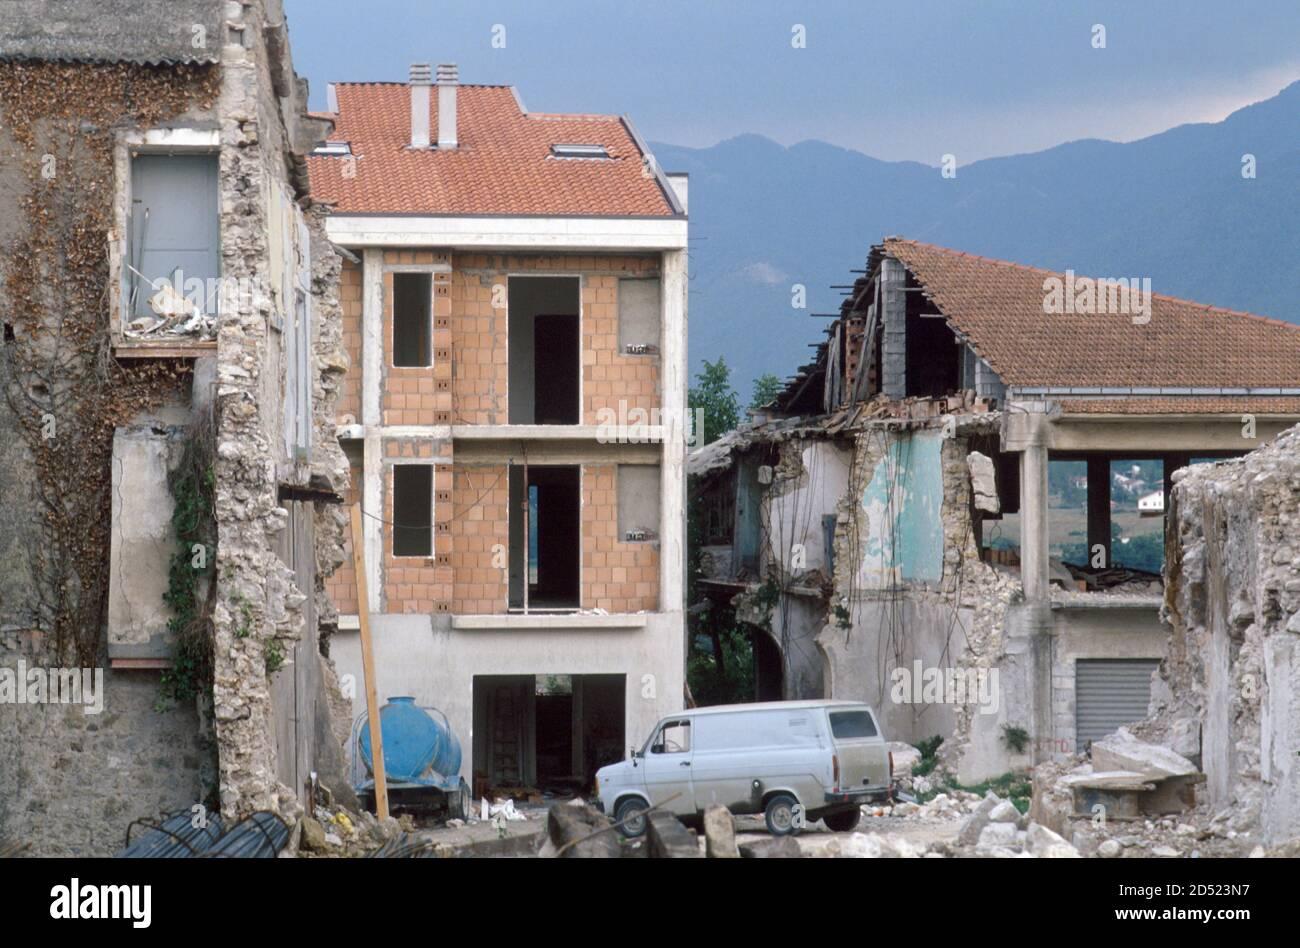 September 1990, Irpinia reconstruction after the earthquake of 1980, old  town of Lioni - settembre 1990, ricostruzione in Irpinia dopo il terremoto  del 1980, centro storico di Lioni Stock Photo - Alamy